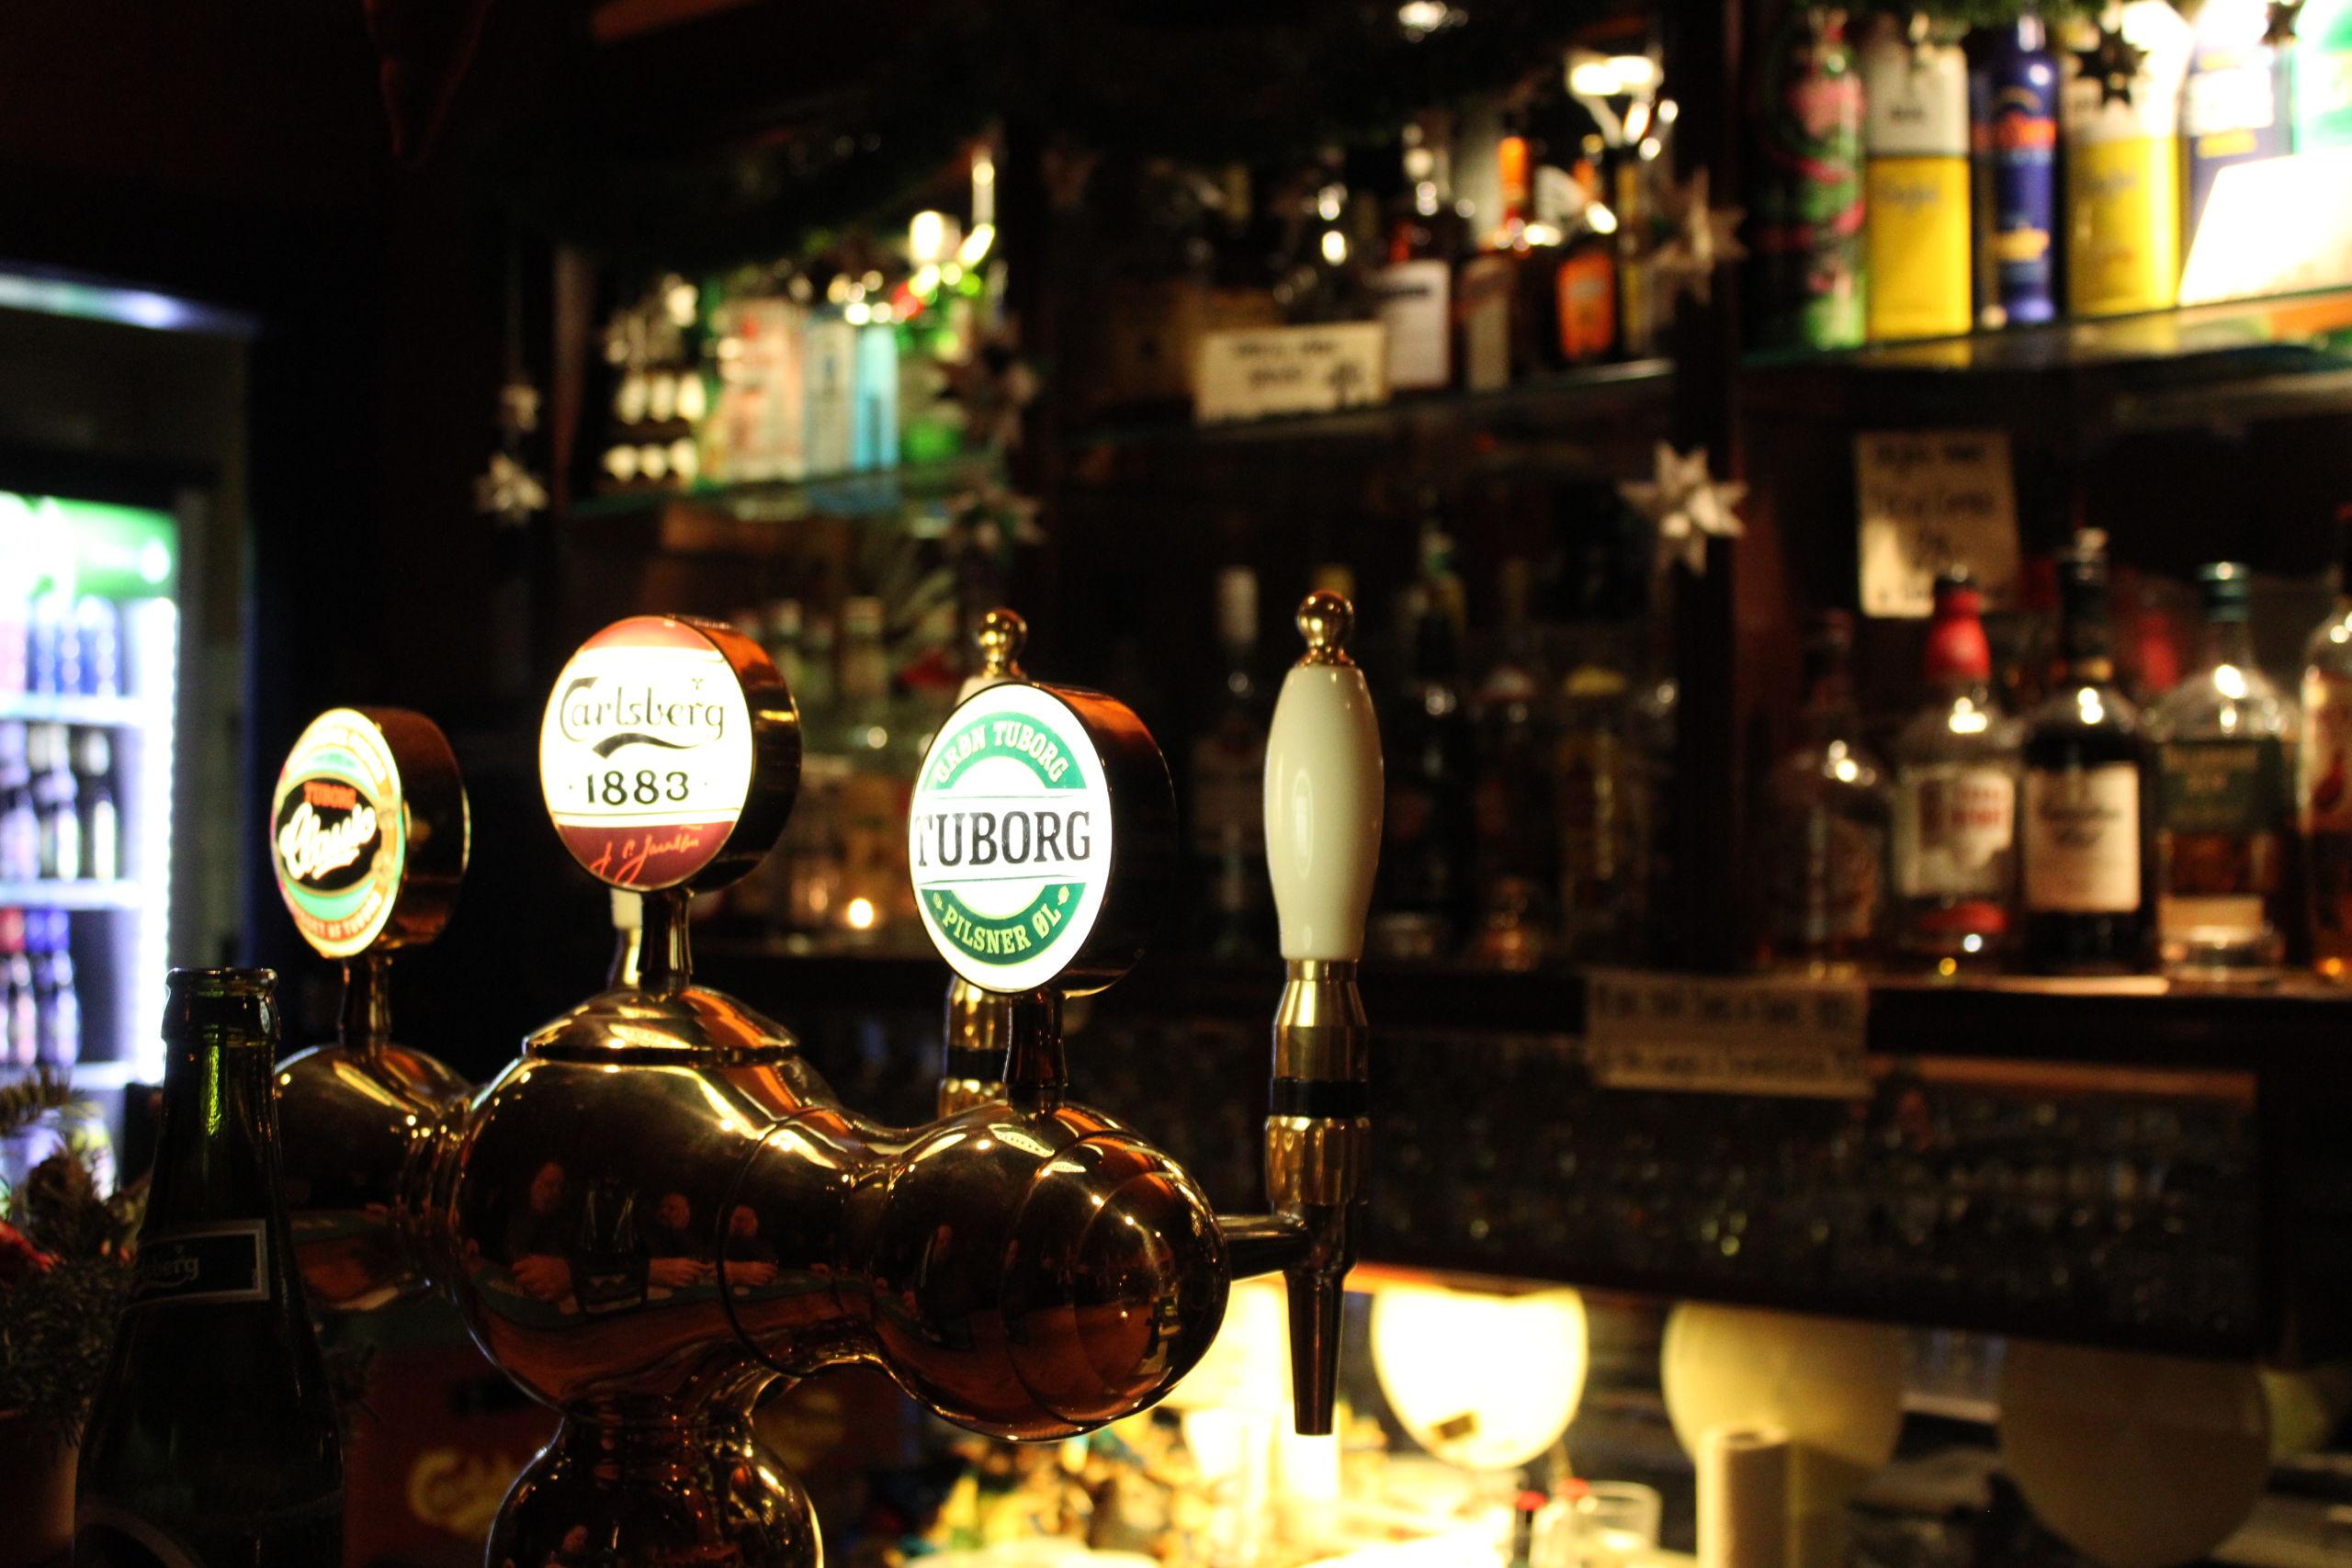 Udbuddet af drikkevarer hos Jægerstuen er klassisk men alligevel med små finurligheder og gode tilbud. Foto: Pauline Vink